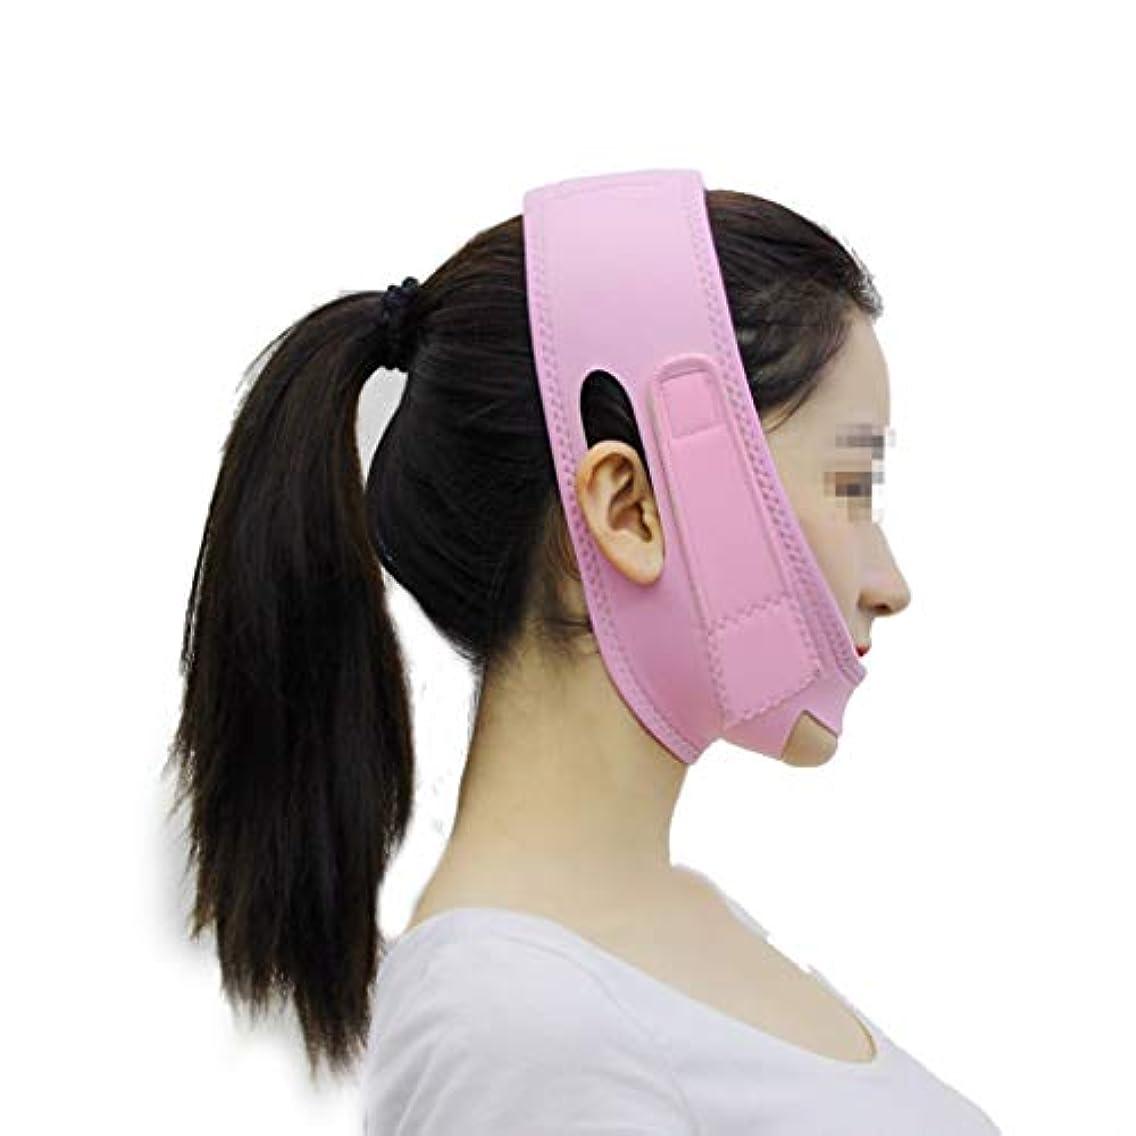 ドールペースト望む寝顔マスク、線彫刻形状持ち上がる引き締めツールV顔に二重あごピンク